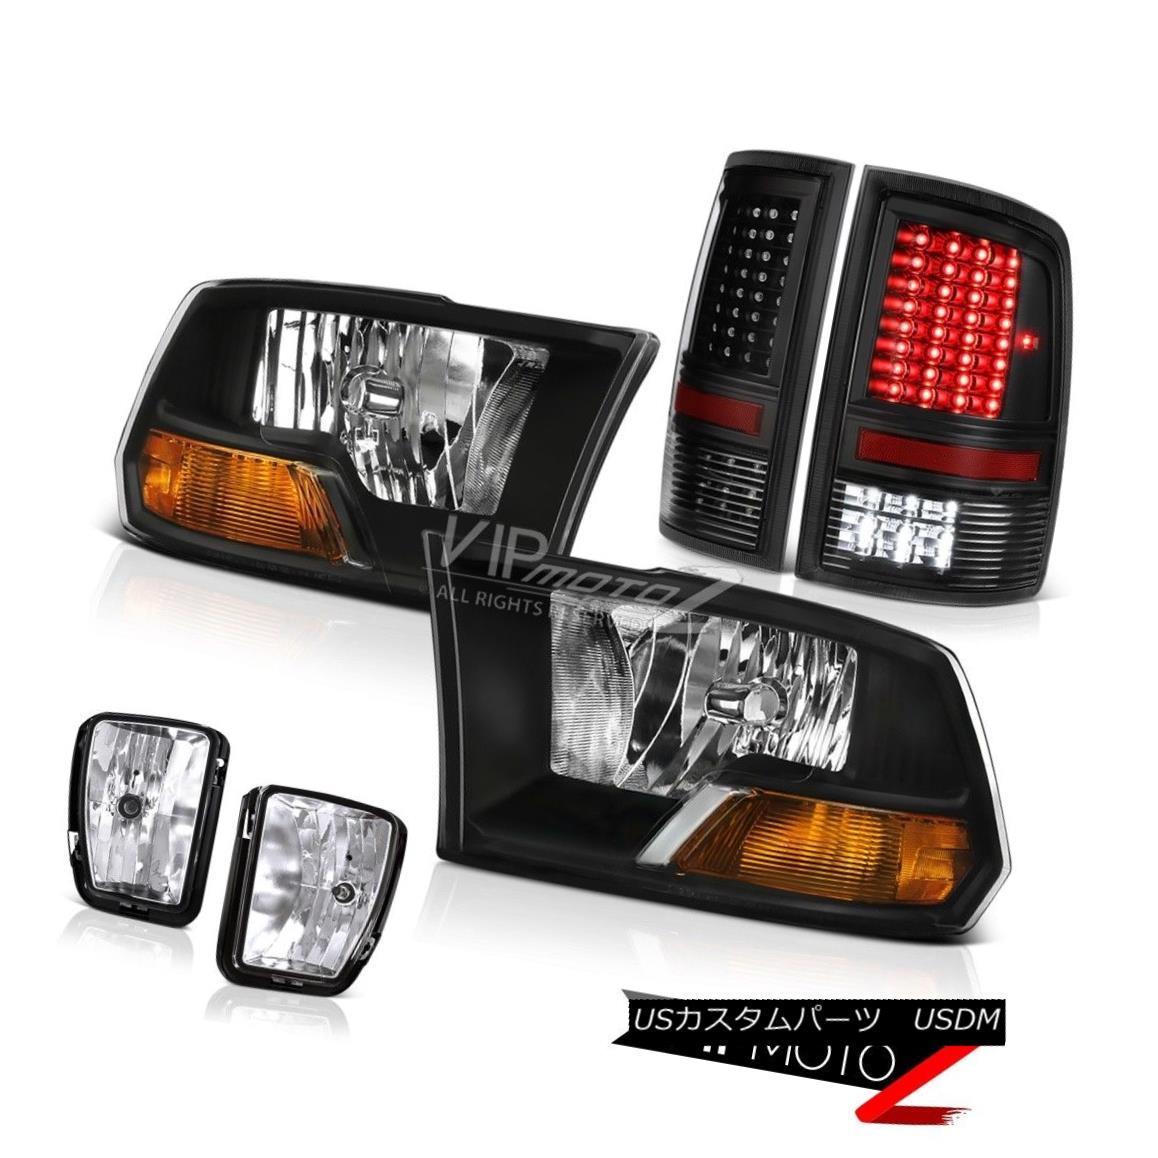 ヘッドライト 13-17 Ram 1500 SLT Nighthawk Black Taillights Foglights Headlamps SMD Assembly 13-17 Ram 1500 SLTナイトホークブラックテールライトFoglightsヘッドランプSMDアセンブリ画像